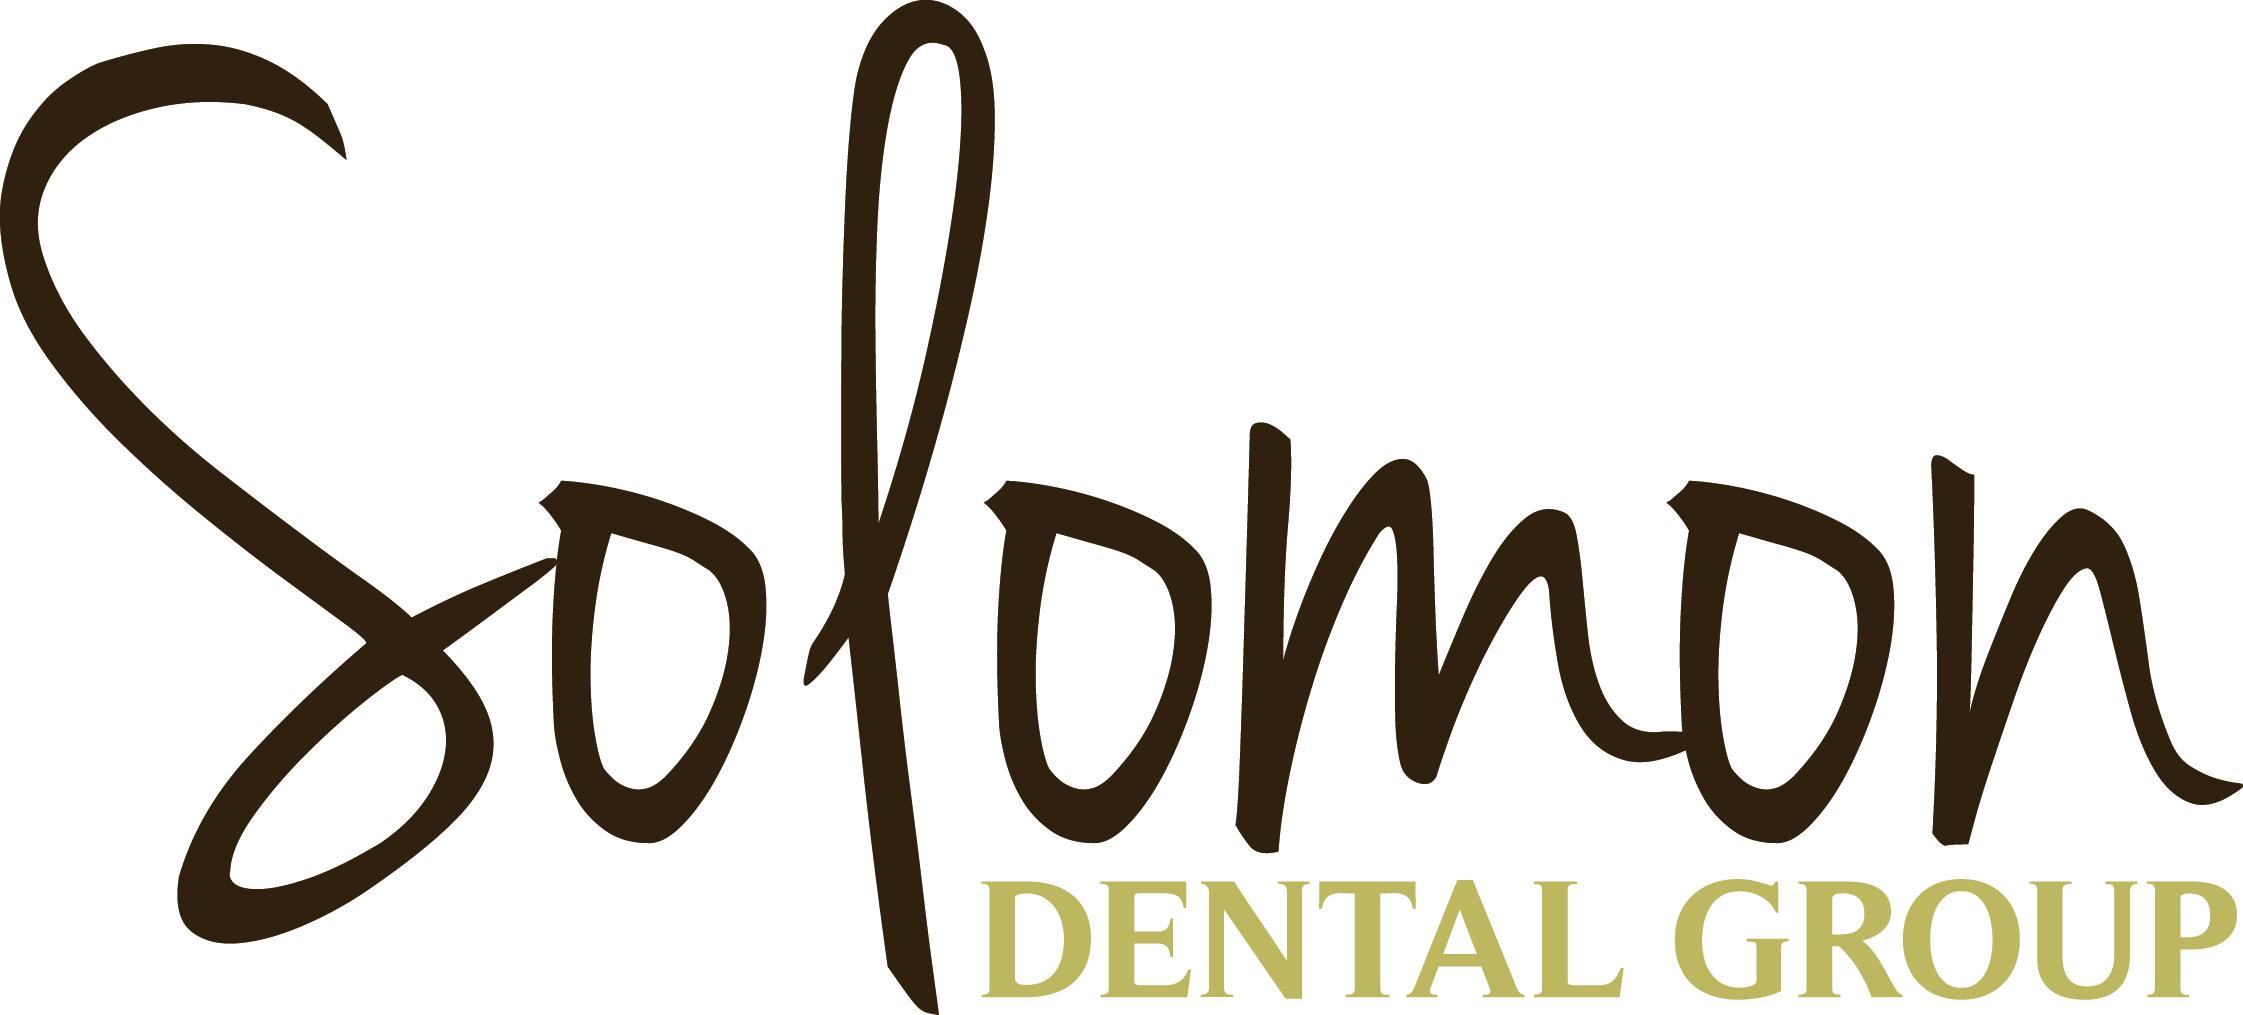 Solomon Dental Group